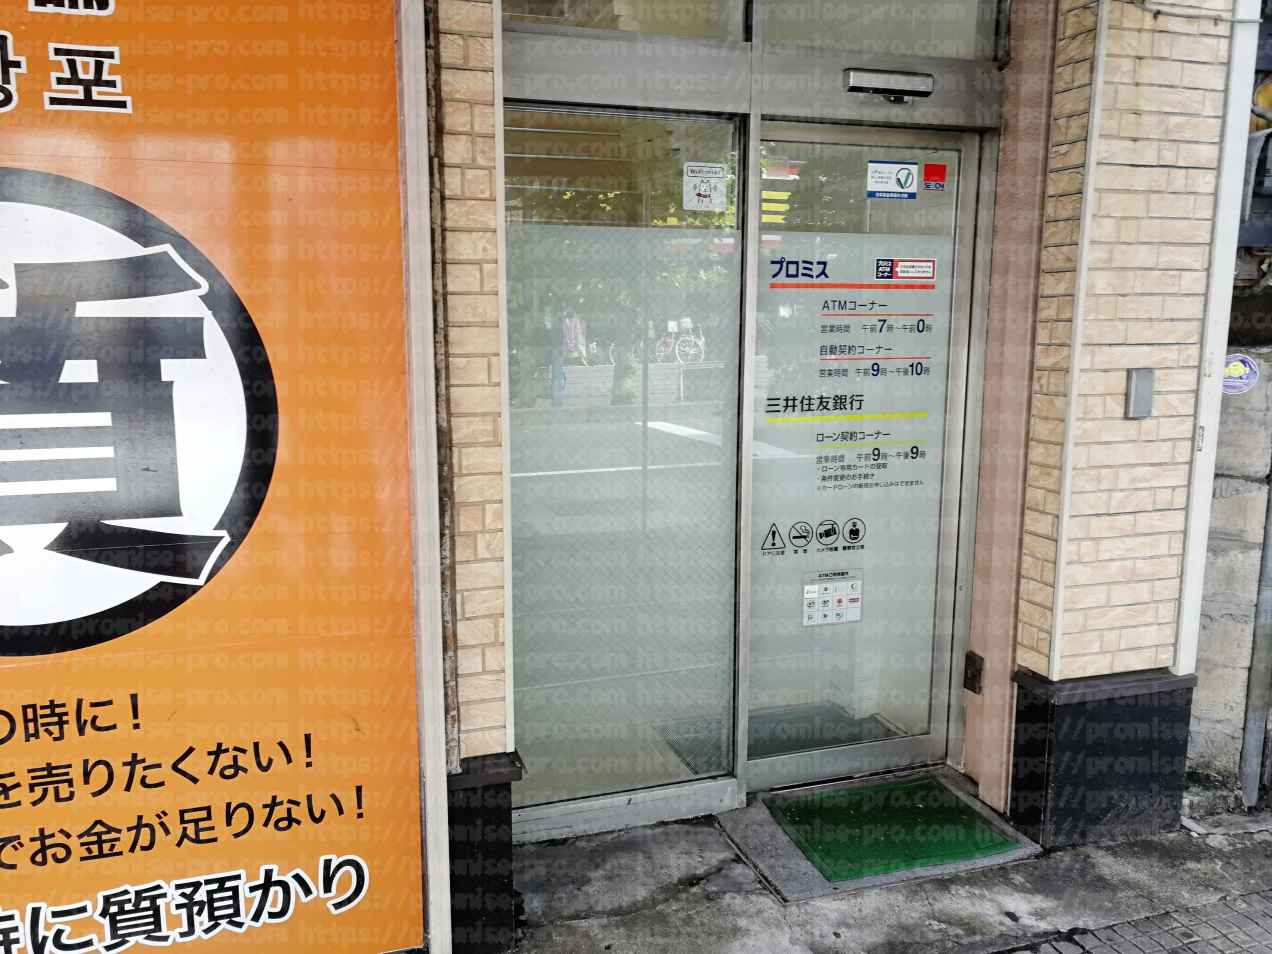 プロミス店舗入口画像